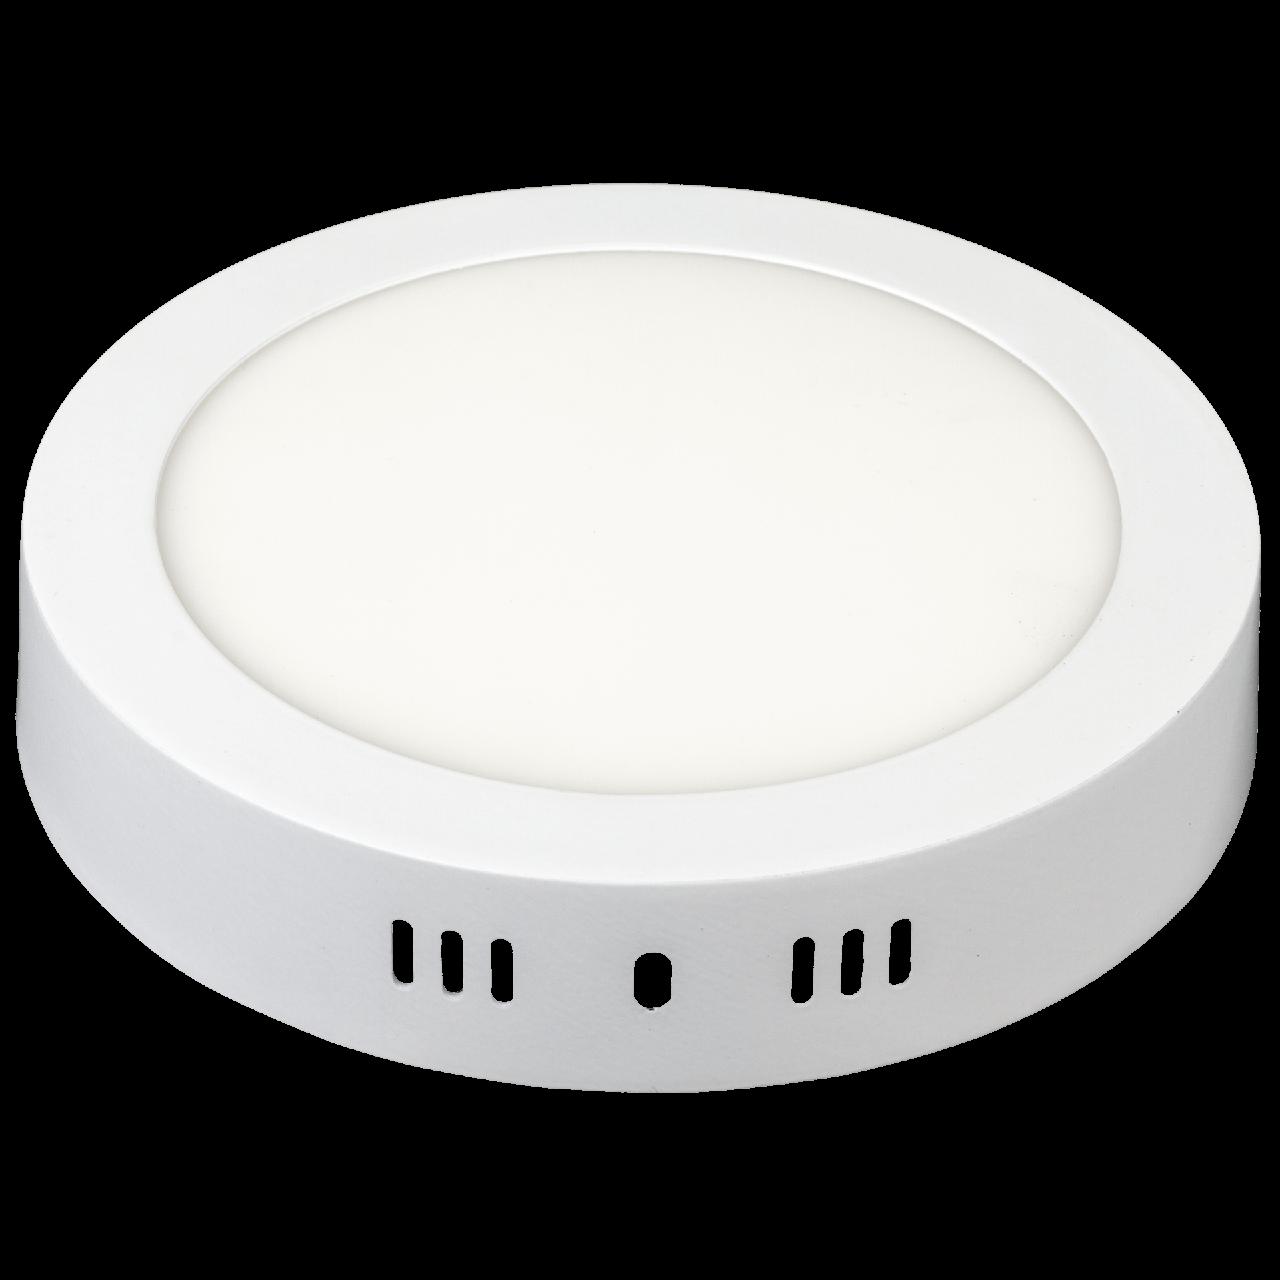 Светодиодный накладной светильник Ilumia 12Вт, 165мм, 4000К (нейтральный белый), 950Лм (036)